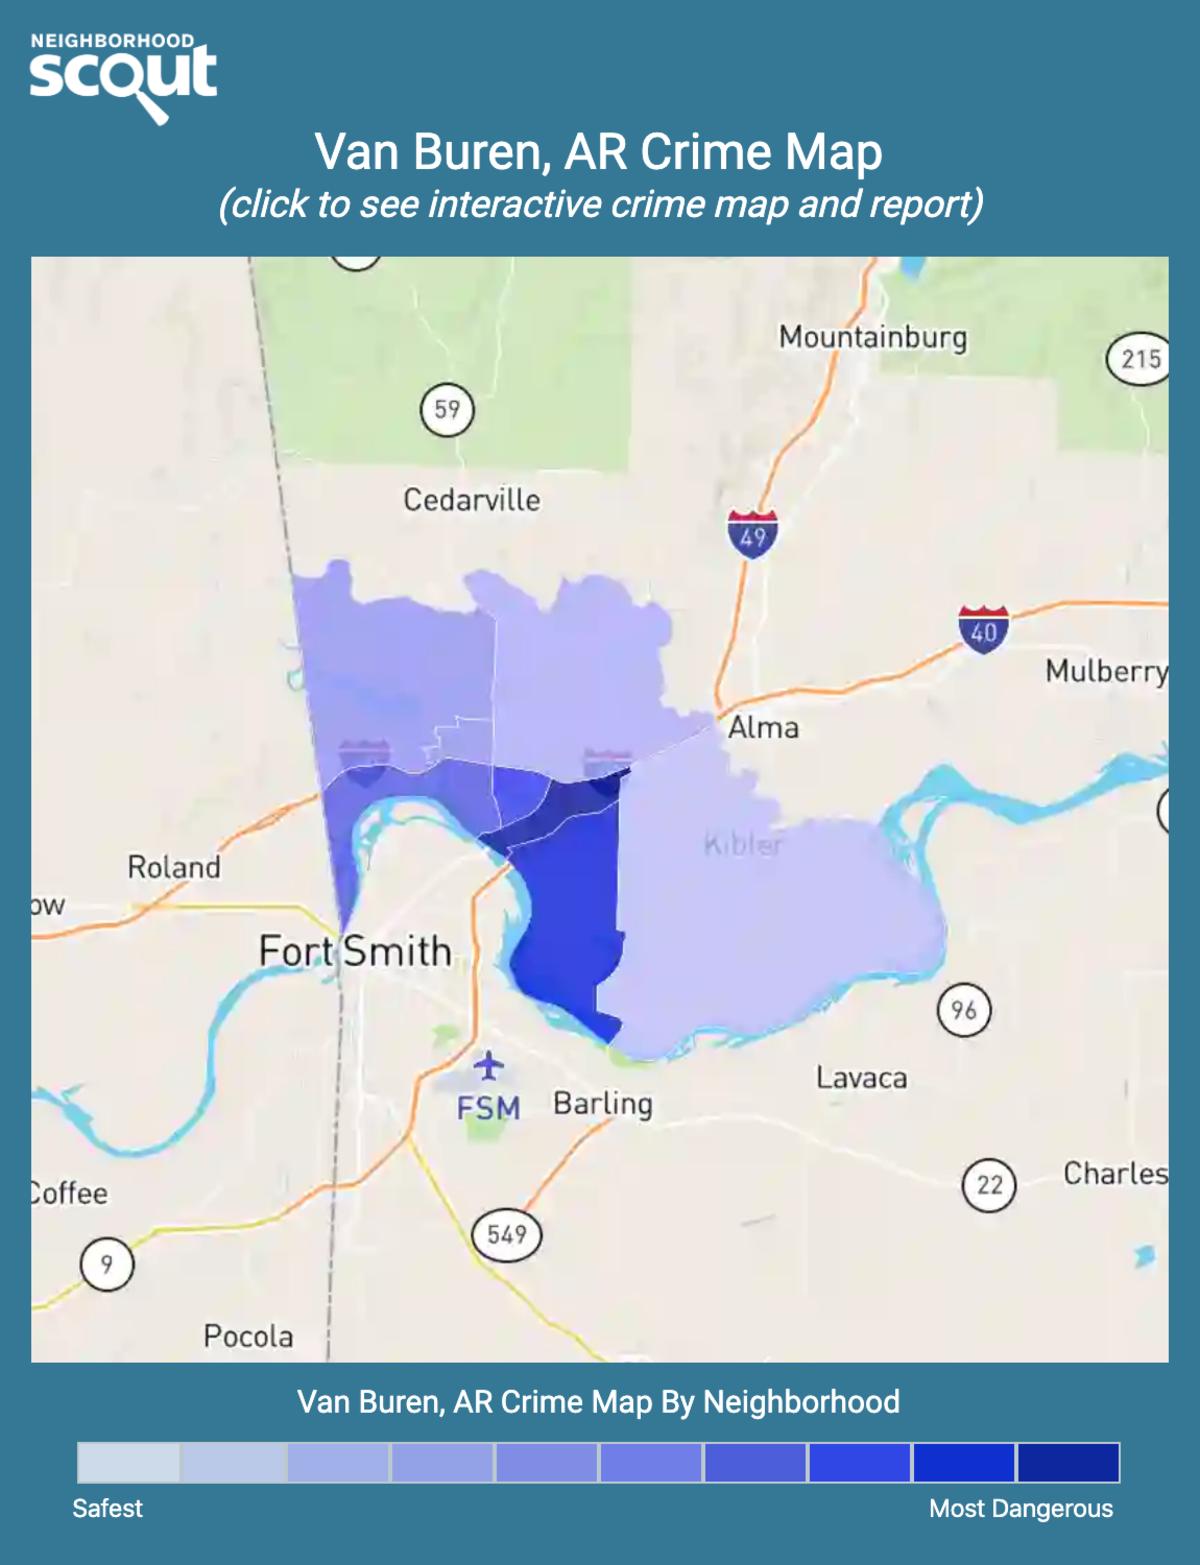 Van Buren, Arkansas crime map